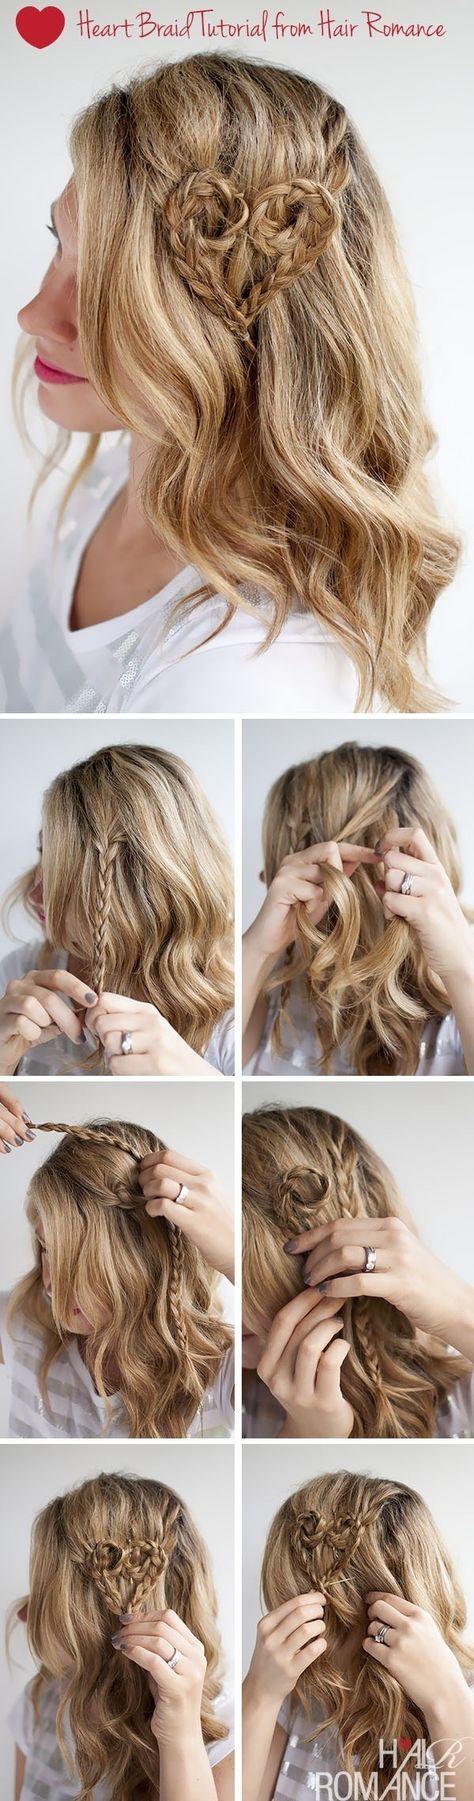 Heart Braid tutorial